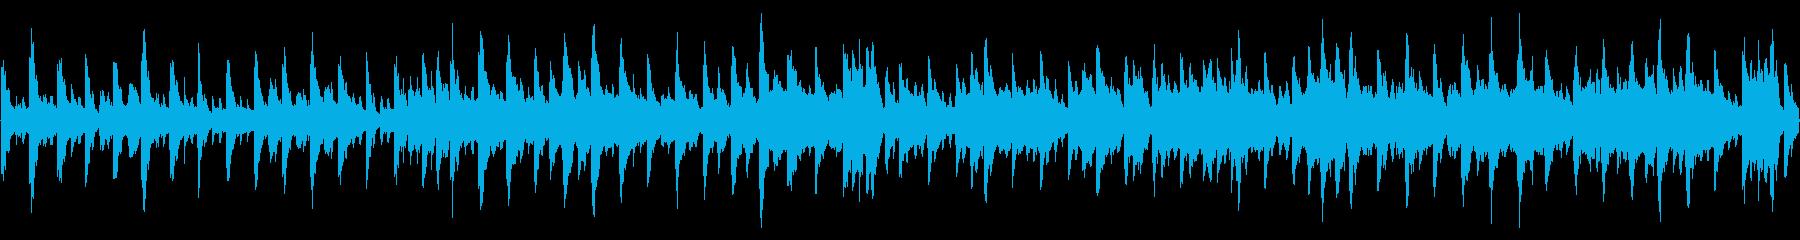 琴・笛・三味線を使った軽快な和風ループ。の再生済みの波形